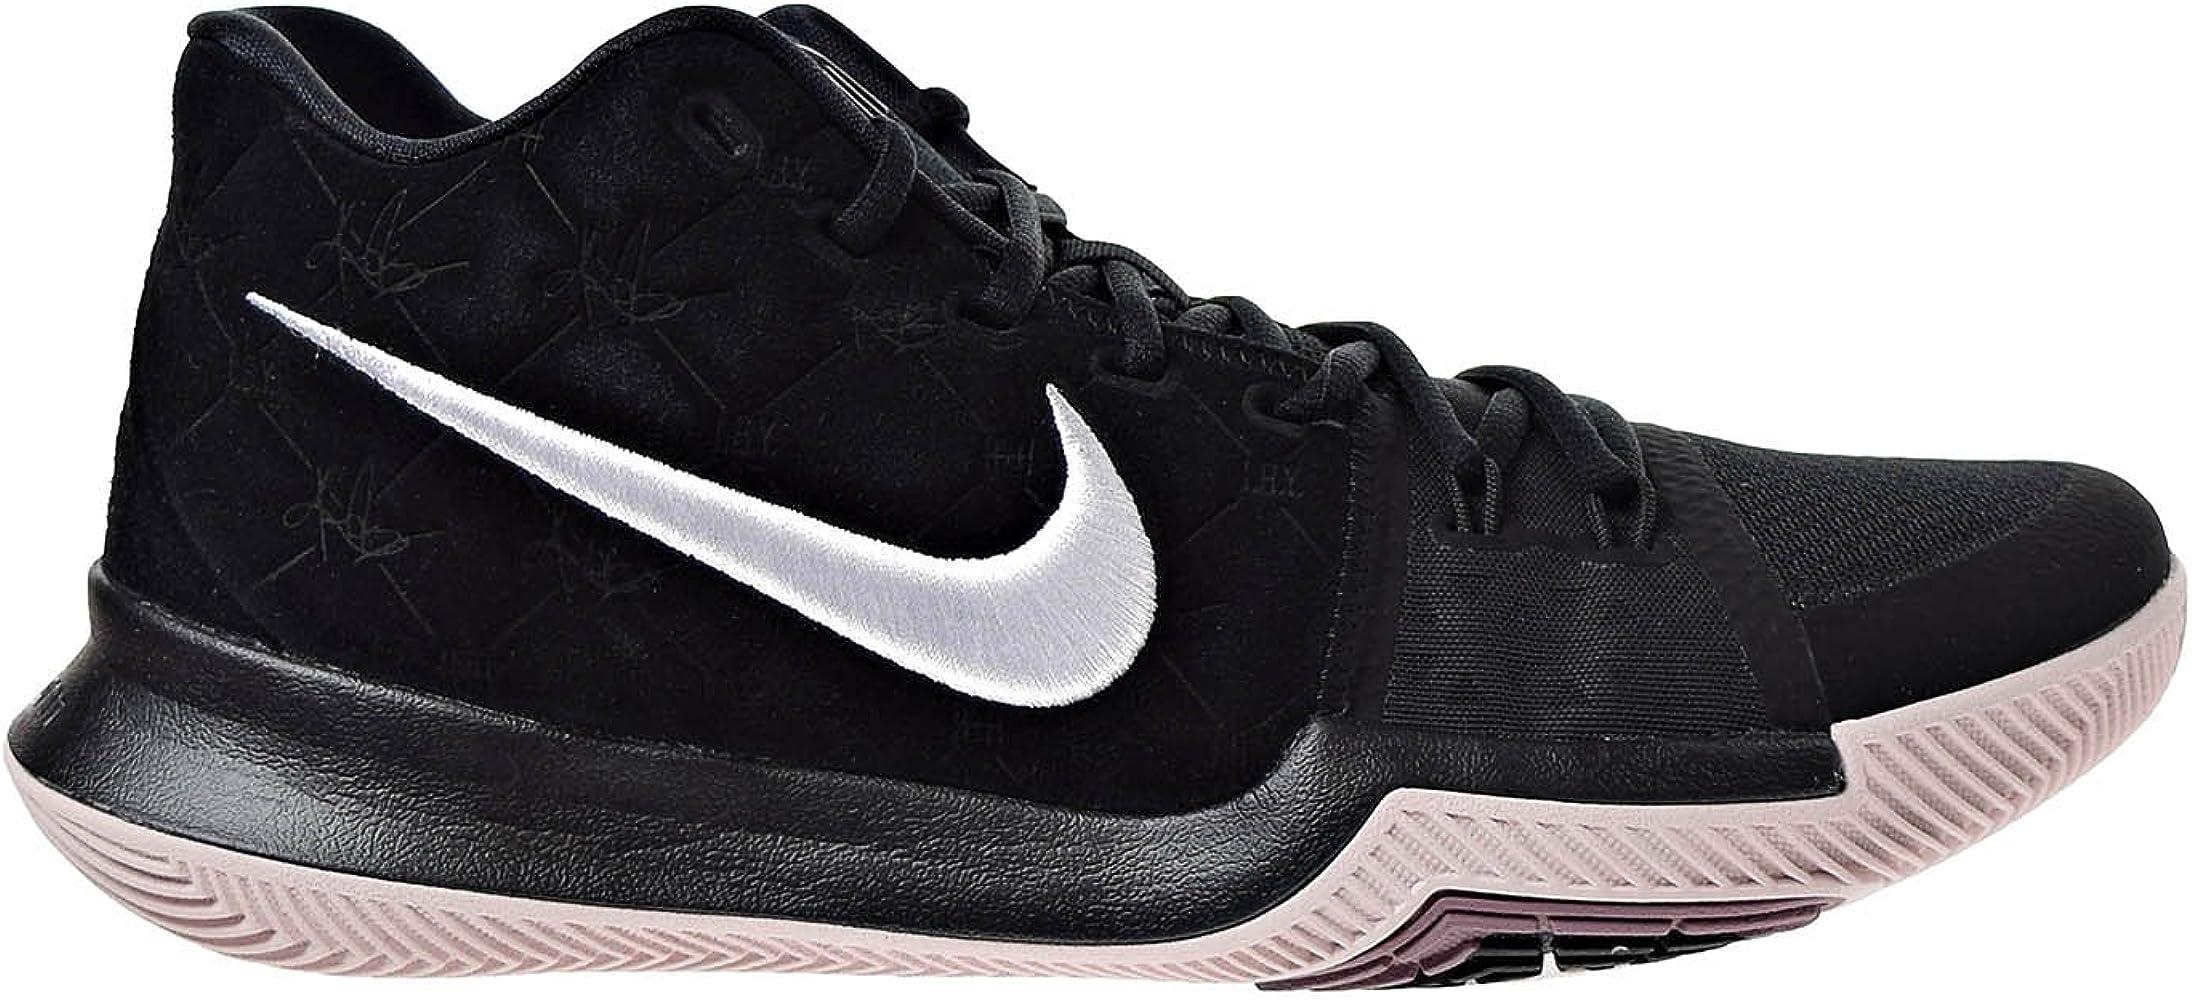 KRYIE 3-852395-010 - Size 44-EU: Amazon.es: Zapatos y complementos